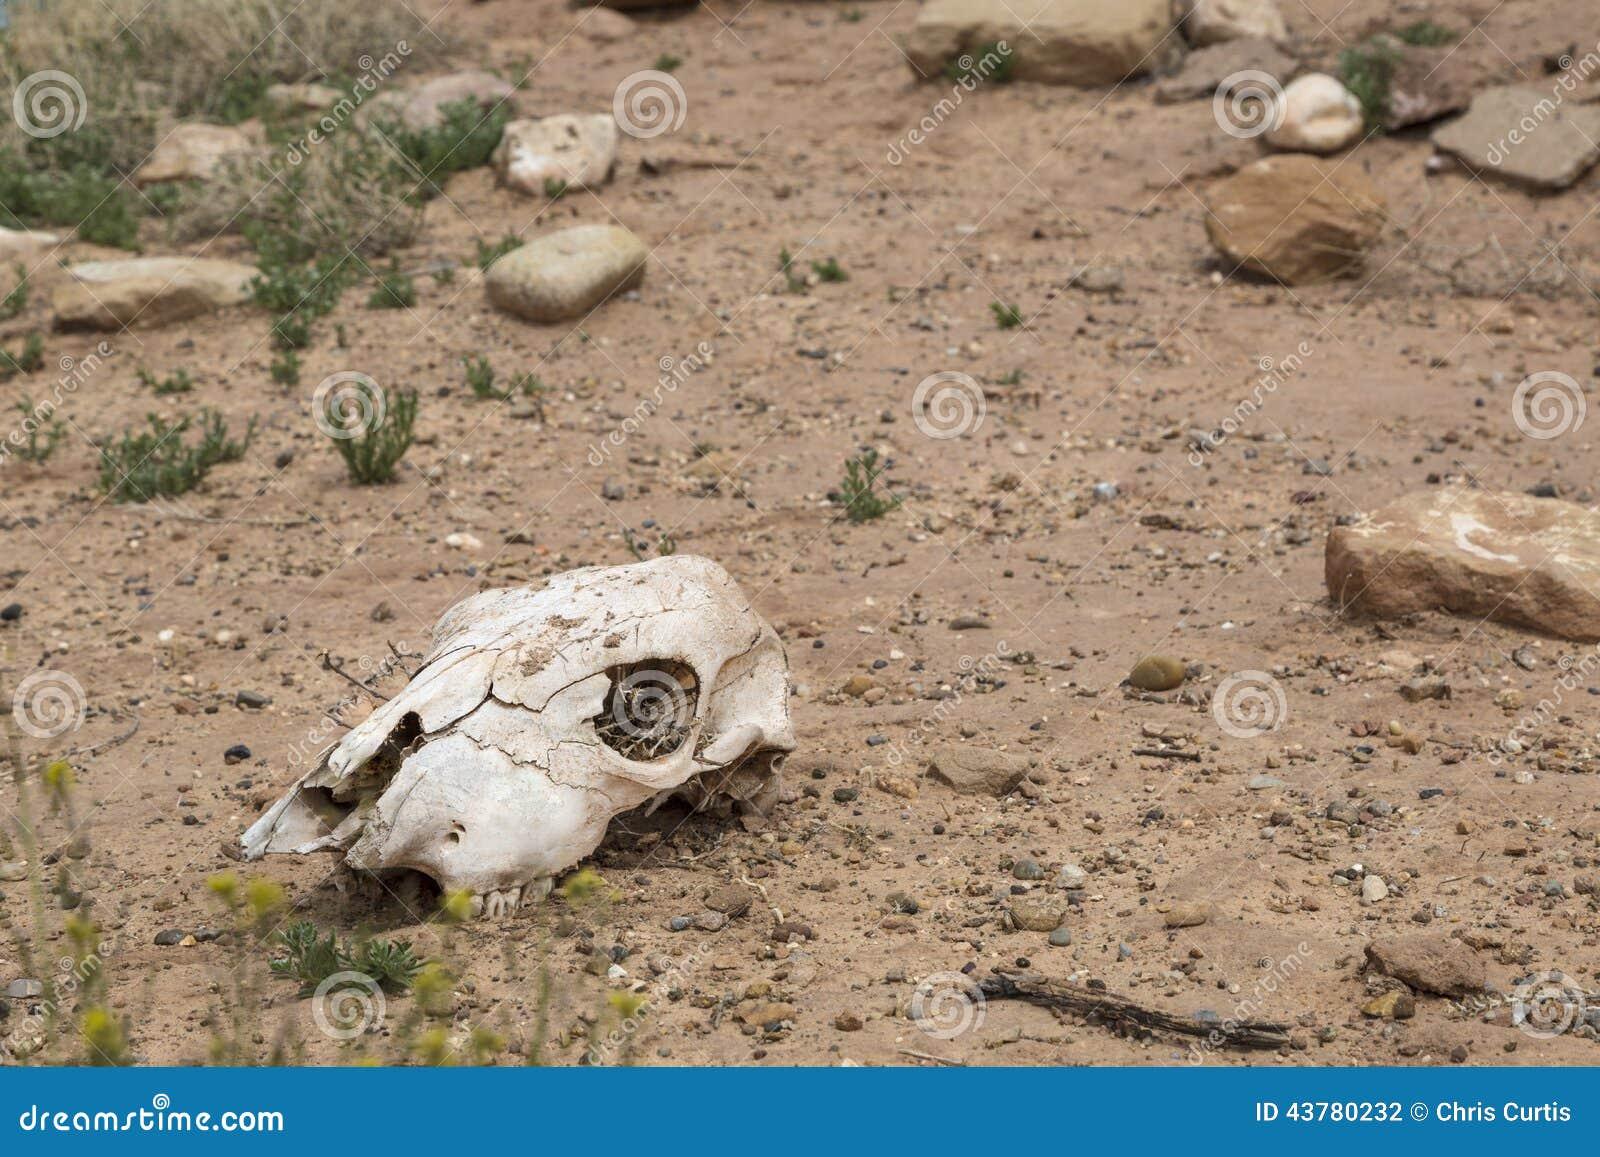 cow skull and desert - photo #13